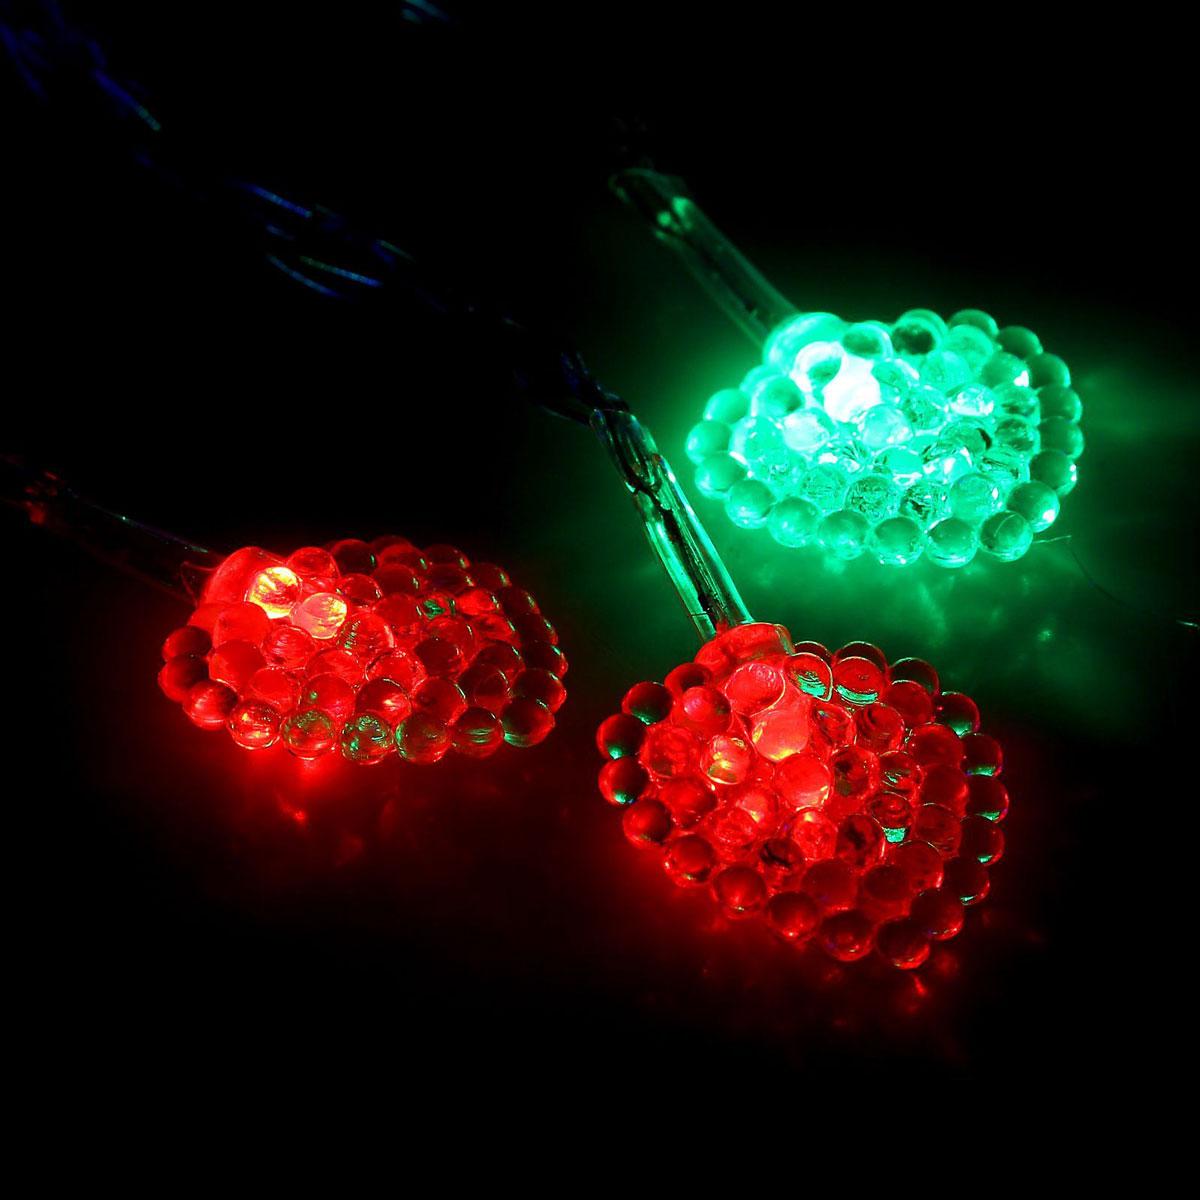 Гирлянда светодиодная Luazon Метраж. Сердце малое, 20 ламп, 5 V, длина 3 м1080379Светодиодные гирлянды и ленты — это отличный вариант для новогоднего оформления интерьера или фасада. С их помощью помещение любого размера можно превратить в праздничный зал, а внешние элементы зданий, украшенные ими, мгновенно станут напоминать очертания сказочного дворца. Такие украшения создают ауру предвкушения чуда. Деревья, фасады, витрины, окна и арки будто специально созданы, чтобы вы украсили их светящимися нитями.